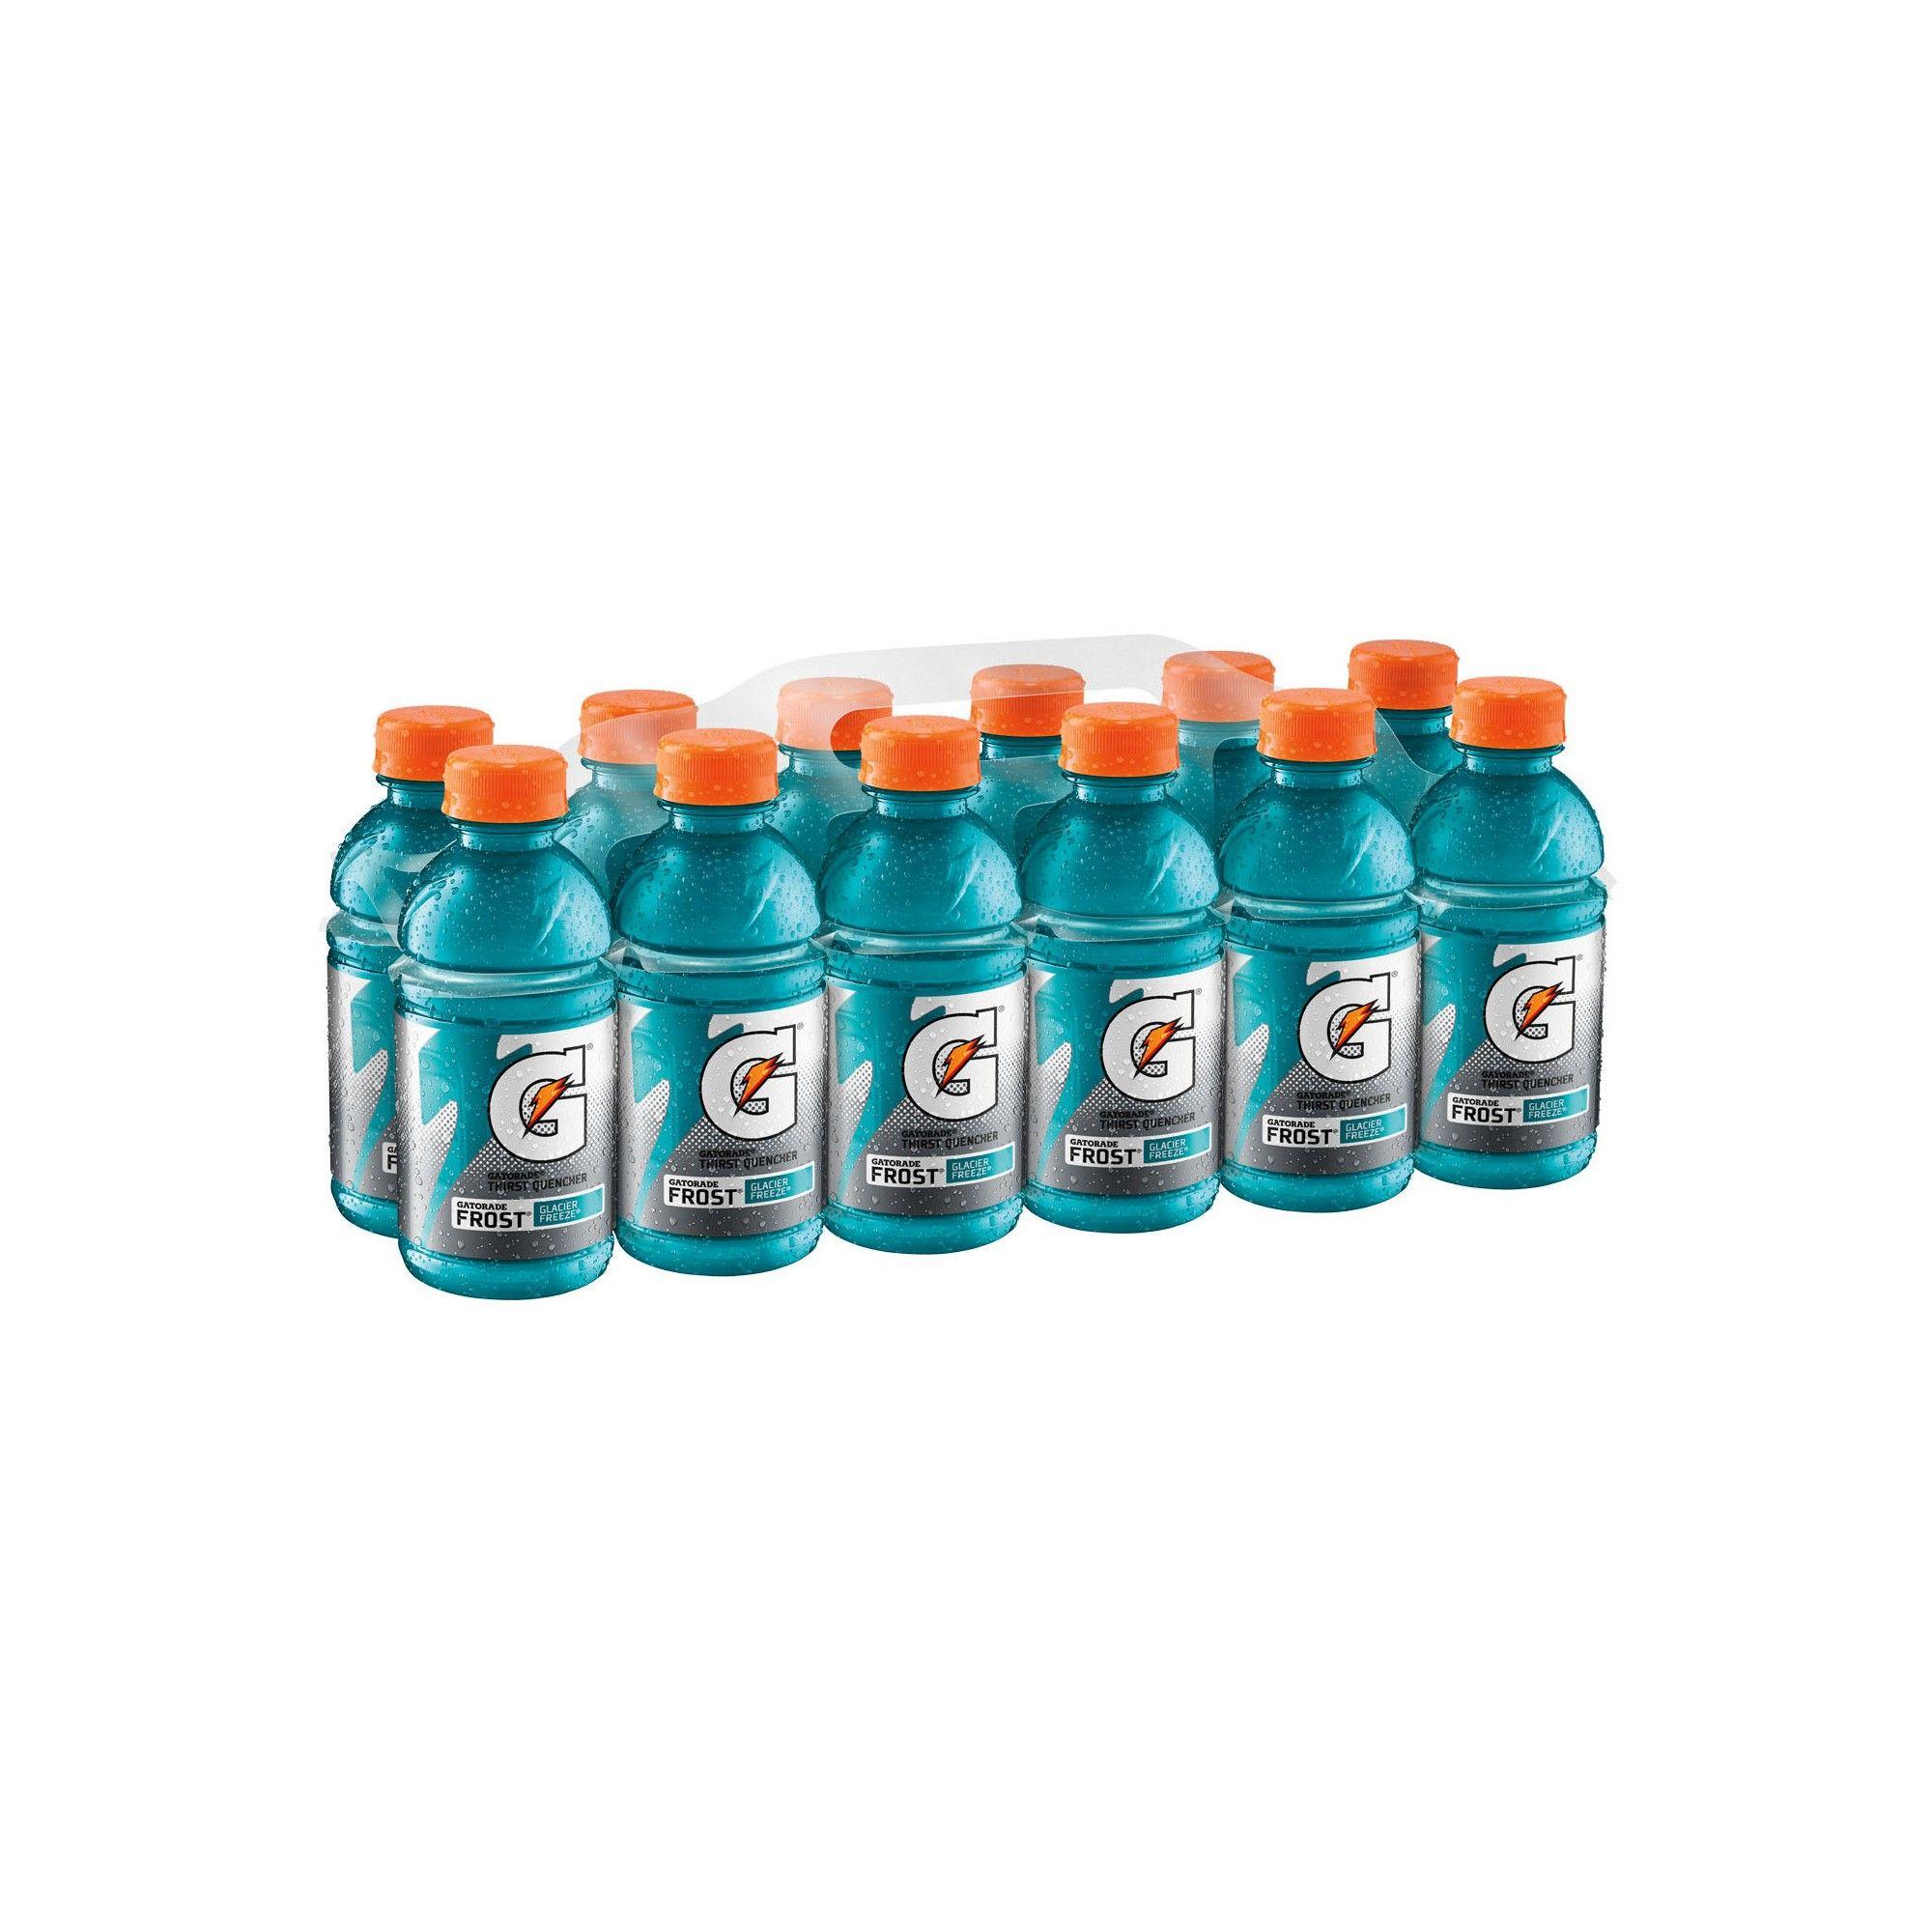 Gatorade Frost Glacier Freeze Sports Drink 12pk/12 fl oz